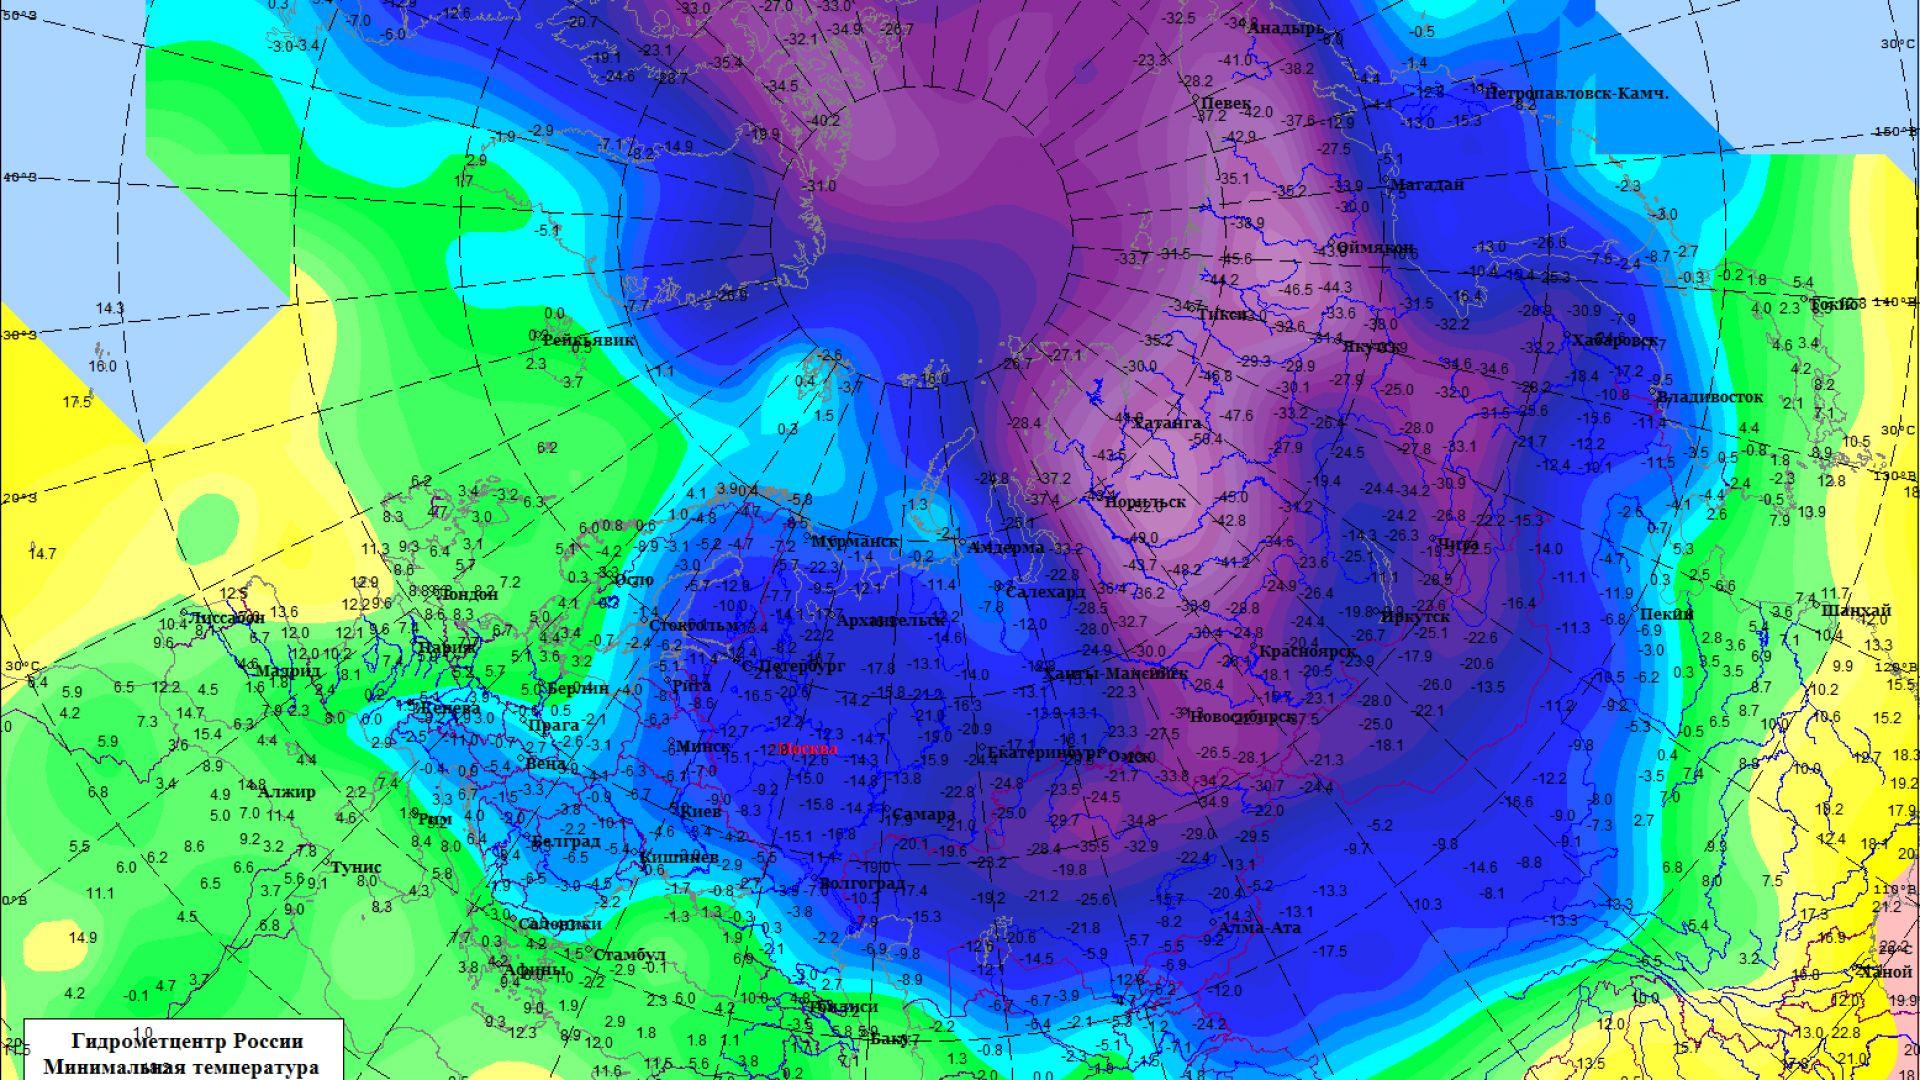 В Сибир се завръщат свирепите студове, у нас - сравнително меко